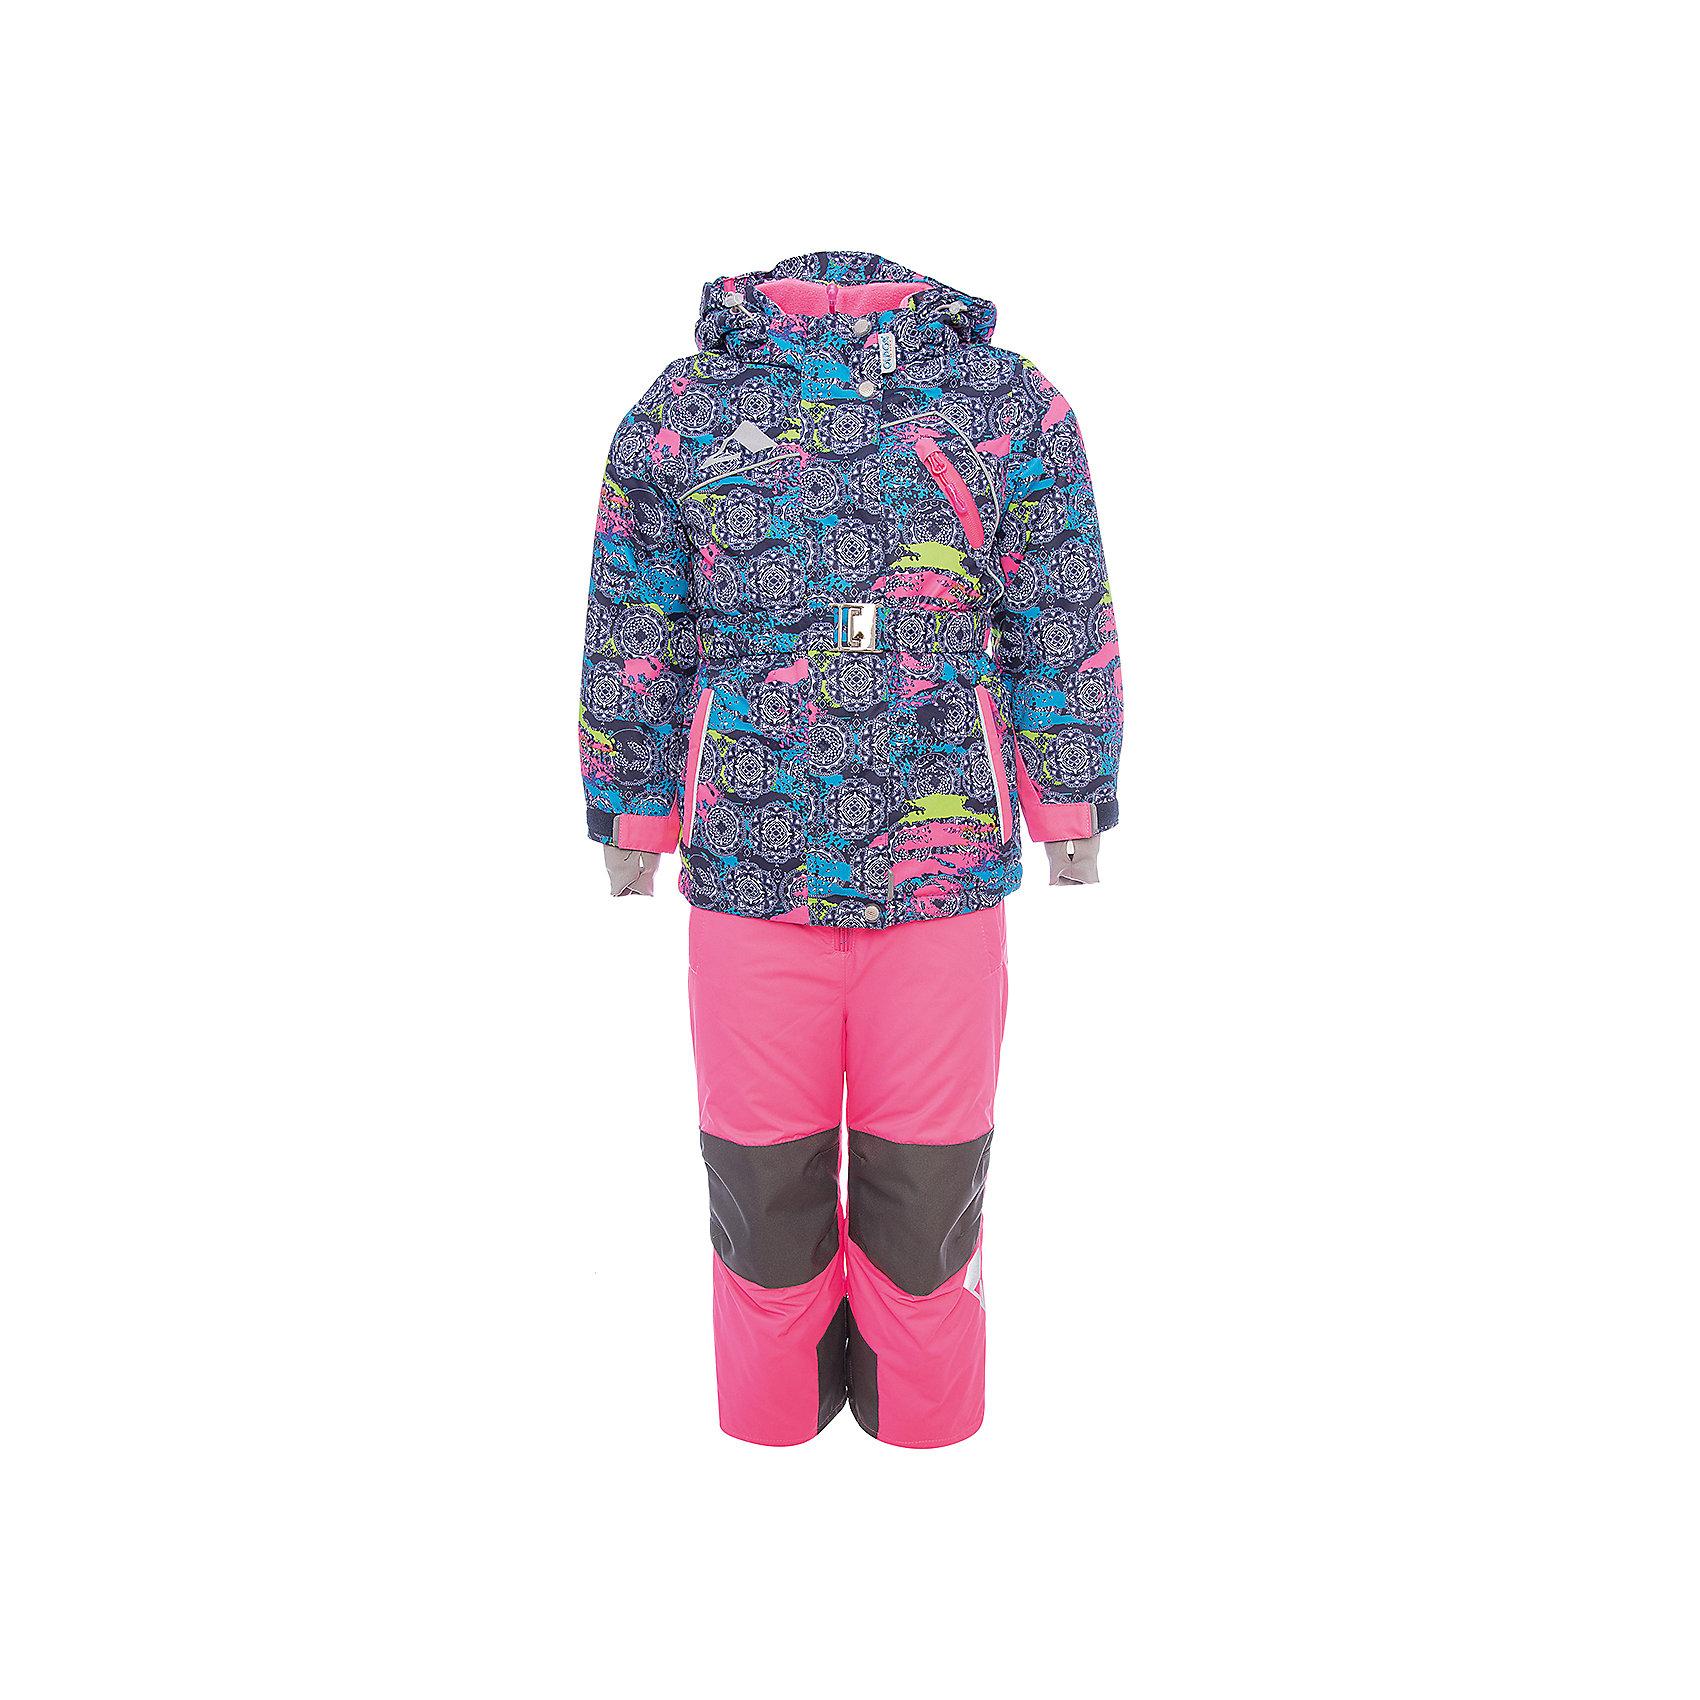 Комплект: куртка и полукомбинезон Софи OLDOS для девочкиВерхняя одежда<br>Характеристики товара:<br><br>• цвет: синий<br>• комплектация: куртка и полукомбинезон<br>• состав ткани: полиэстер, Teflon<br>• подкладка: флис<br>• утеплитель: Hollofan pro<br>• сезон: зима<br>• мембранное покрытие<br>• температурный режим: от -30 до +5<br>• водонепроницаемость: 5000 мм <br>• паропроницаемость: 5000 г/м2<br>• плотность утеплителя: куртка - 200 г/м2, полукомбинезон - 150 г/м2<br>• застежка: молния<br>• капюшон: без меха, съемный<br>• полукомбинезон усилен износостойкими вставками<br>• страна бренда: Россия<br>• страна изготовитель: Россия<br><br>Модный зимний костюм Oldos дополнен регулируемыми манжетами, планкой от ветра и другими функциональными элементами. Детский зимний комплект создан с применением мембранной технологии и рассчитан даже на сильные морозы. Непромокаемый и непродуваемый верх комплекта для девочки создает комфортный для ребенка микроклимат. <br><br>Комплект: куртка и полукомбинезон Софи Oldos (Олдос) для девочки можно купить в нашем интернет-магазине.<br><br>Ширина мм: 356<br>Глубина мм: 10<br>Высота мм: 245<br>Вес г: 519<br>Цвет: синий<br>Возраст от месяцев: 96<br>Возраст до месяцев: 108<br>Пол: Женский<br>Возраст: Детский<br>Размер: 134,92,98,104<br>SKU: 7015671